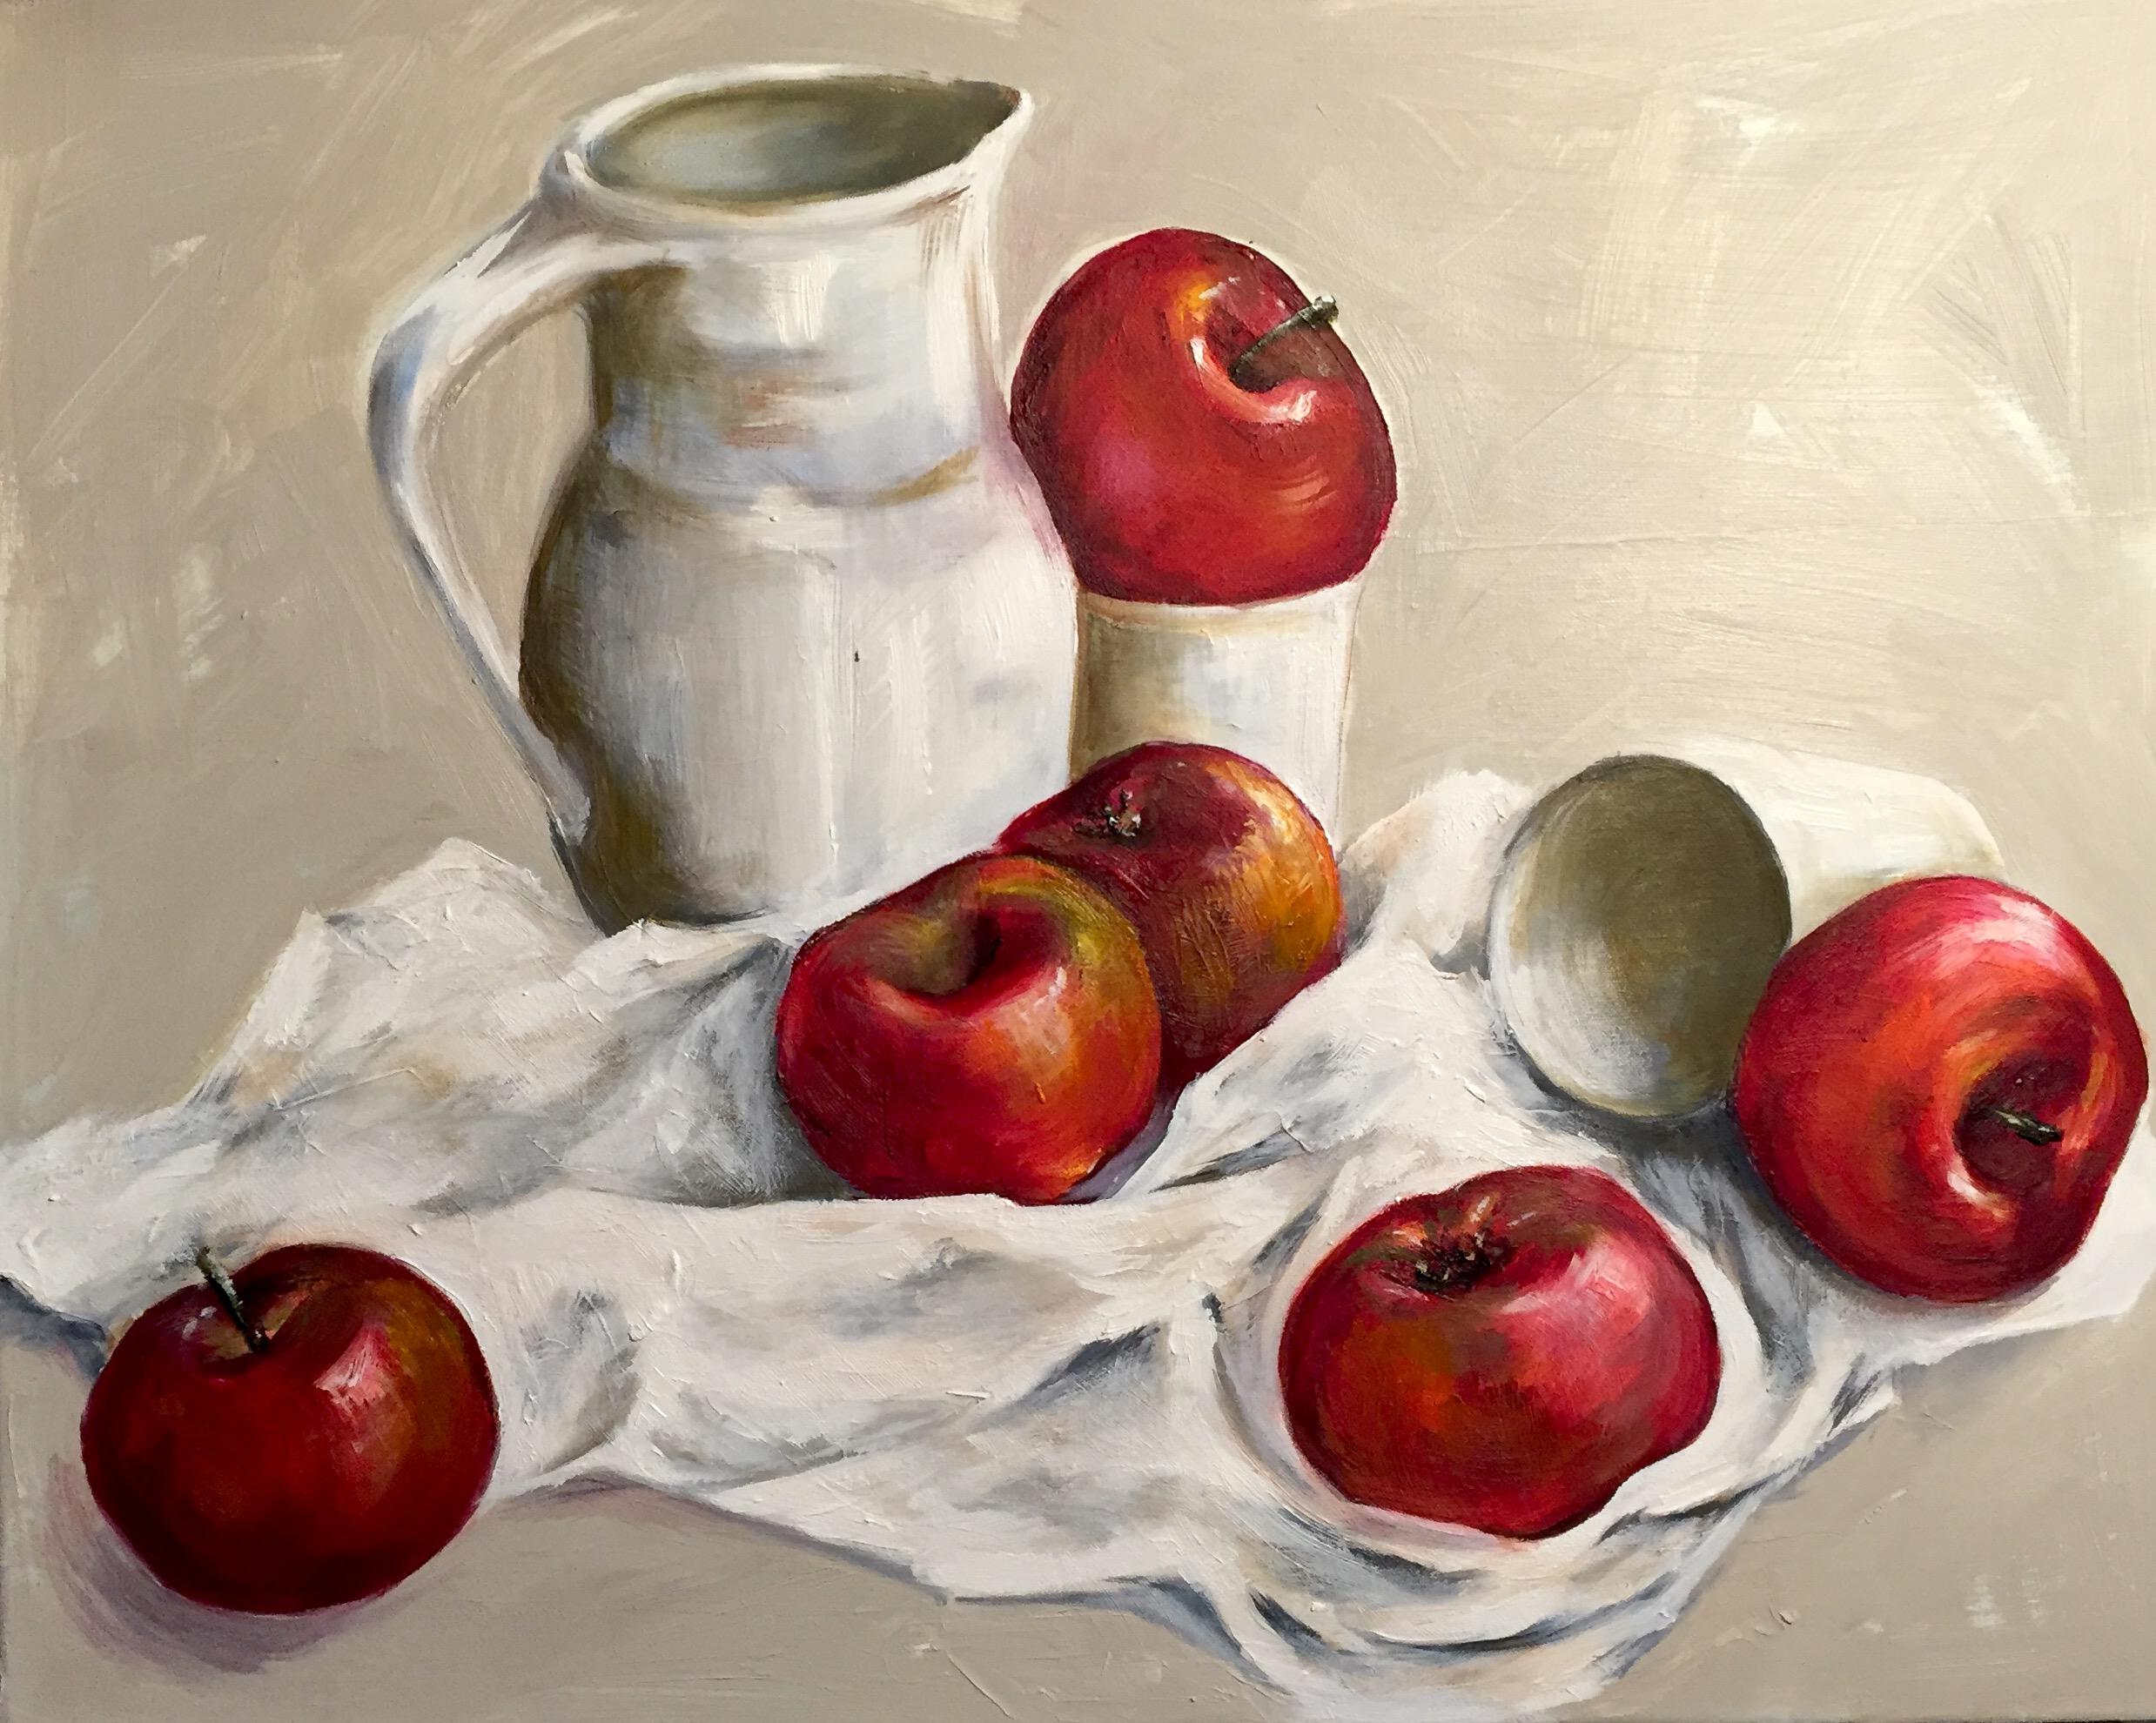 Rote Äpfeln mit Wasserkrug